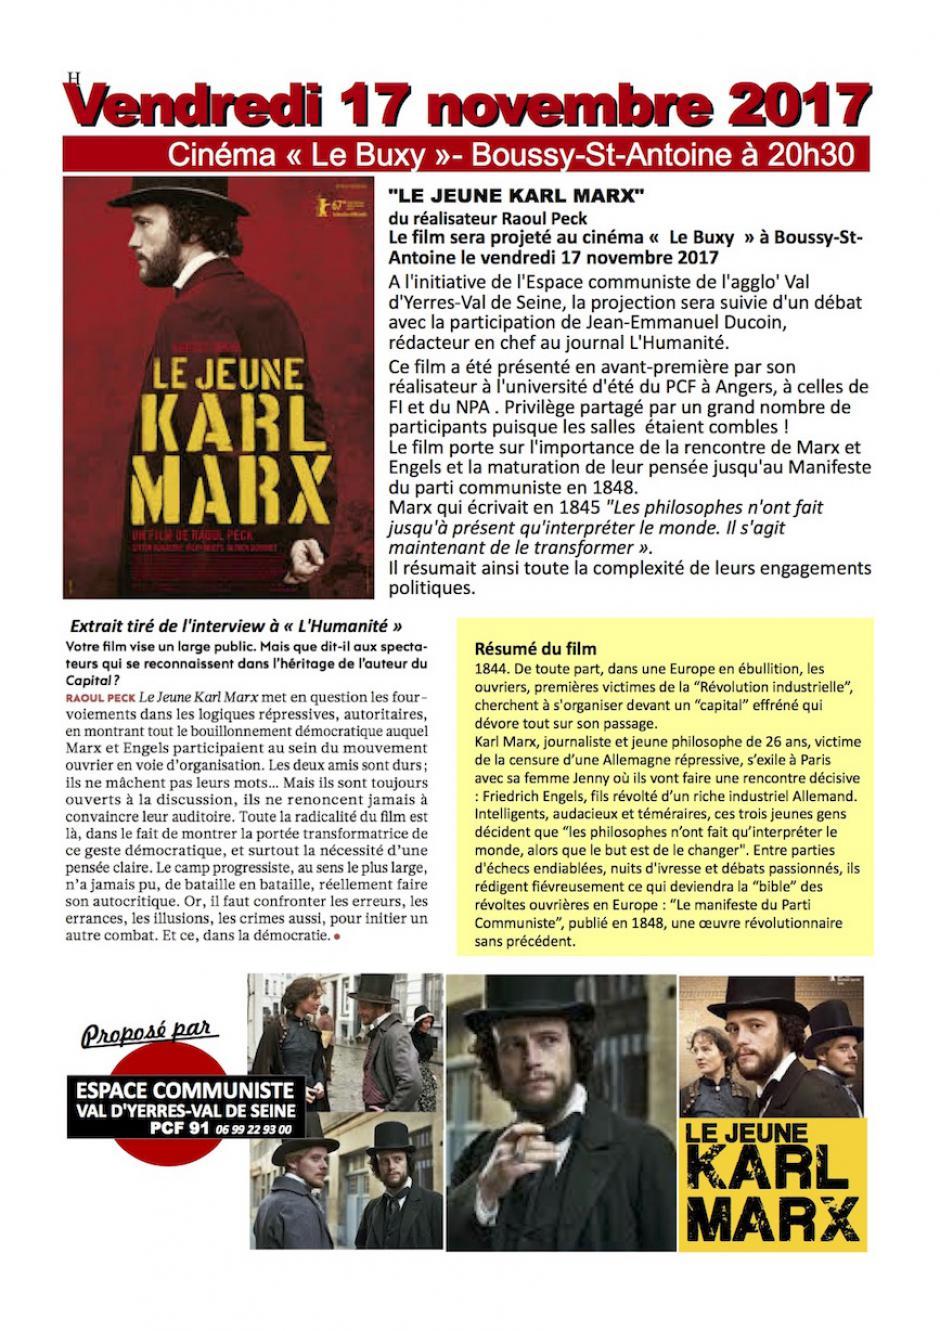 Le jeune Karl Marx, Projection débat à Boussy Saint Antoine